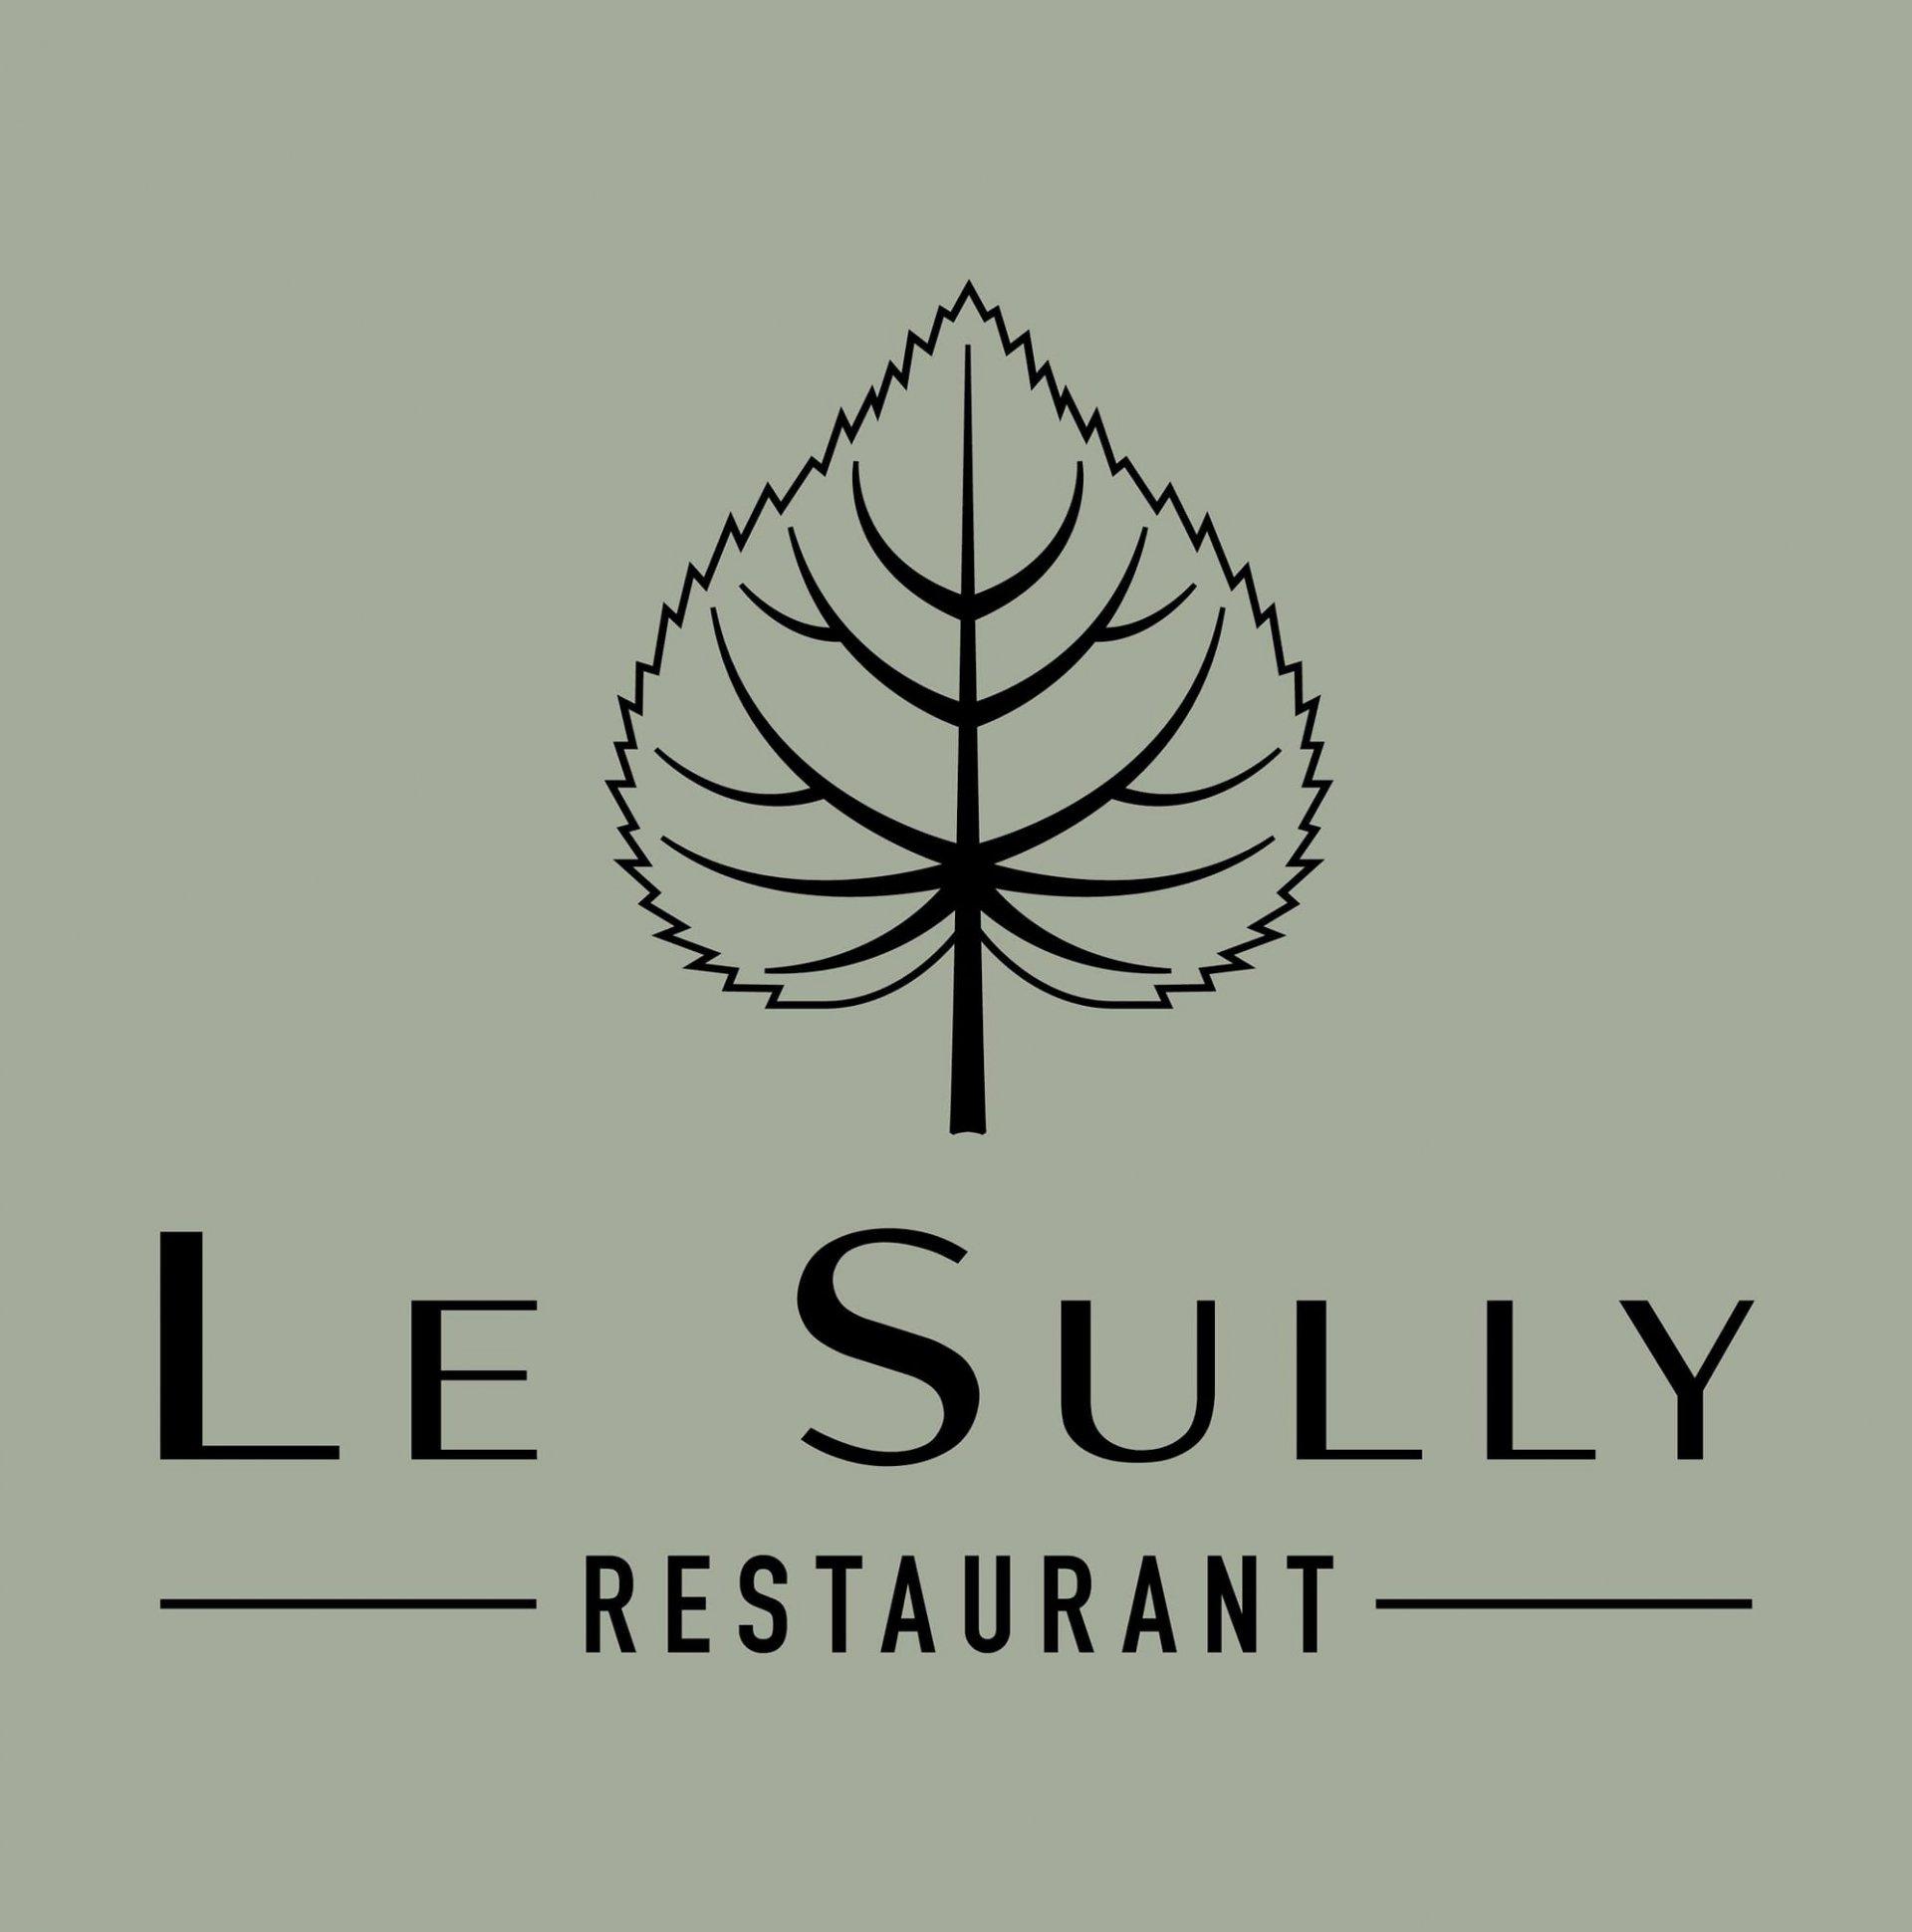 Restaurant - Bar  Le Sully